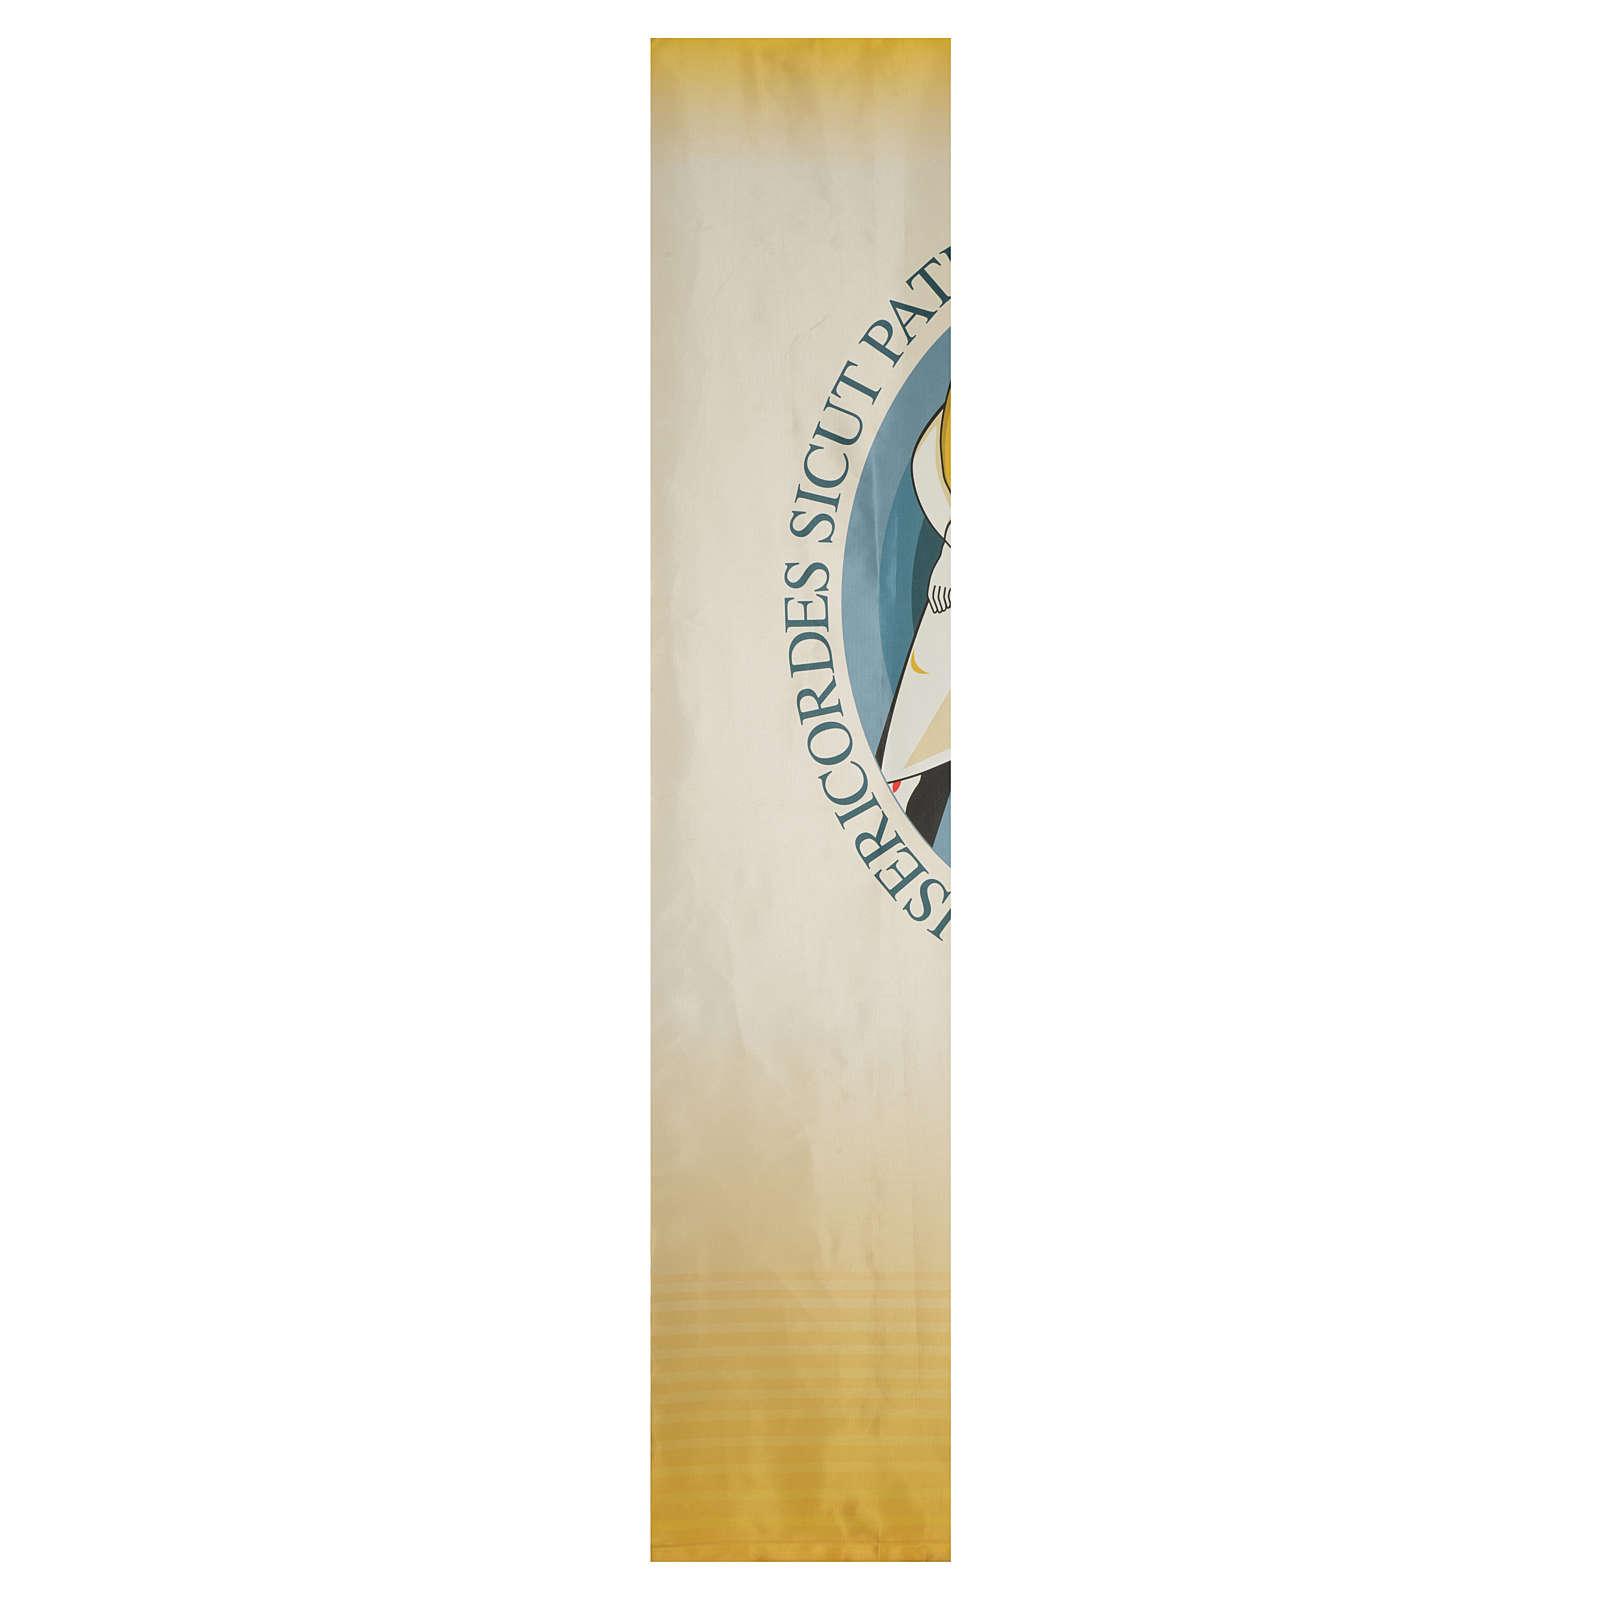 STOCK Druck des Logos zum Jubiläum der Barmherzigkeit auf Stoff 135x300 cm LATEIN 3